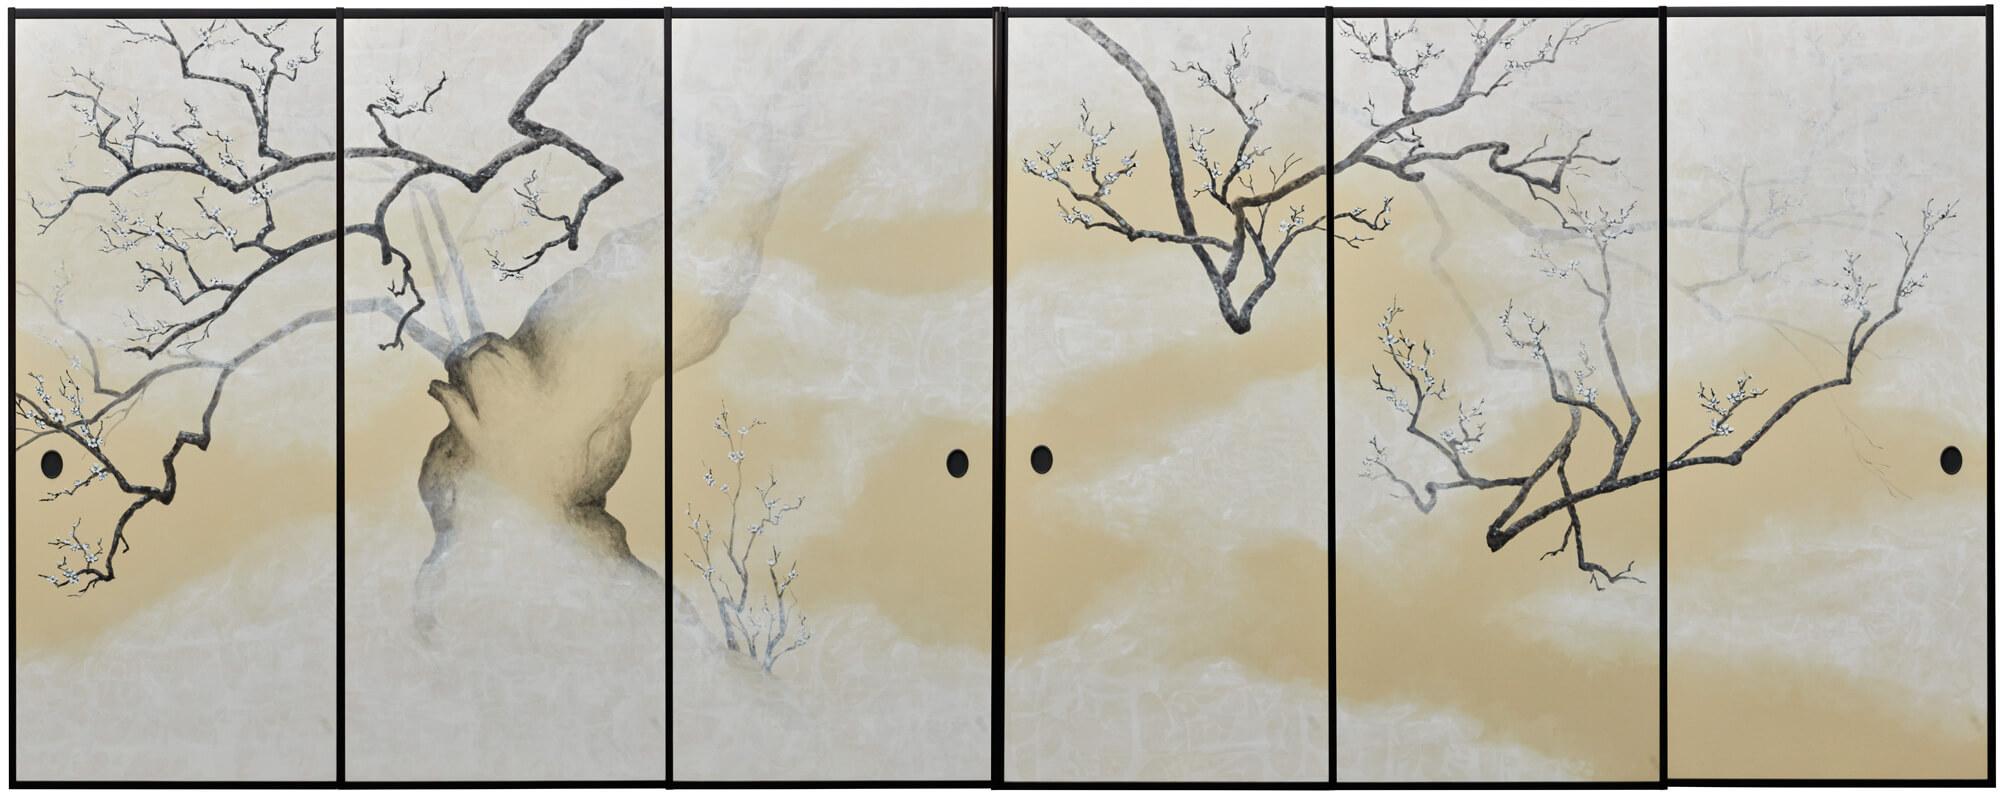 襖 老梅図改行 アクリル,墨汁,和紙,漆縁,   5100×2100mm, 2019